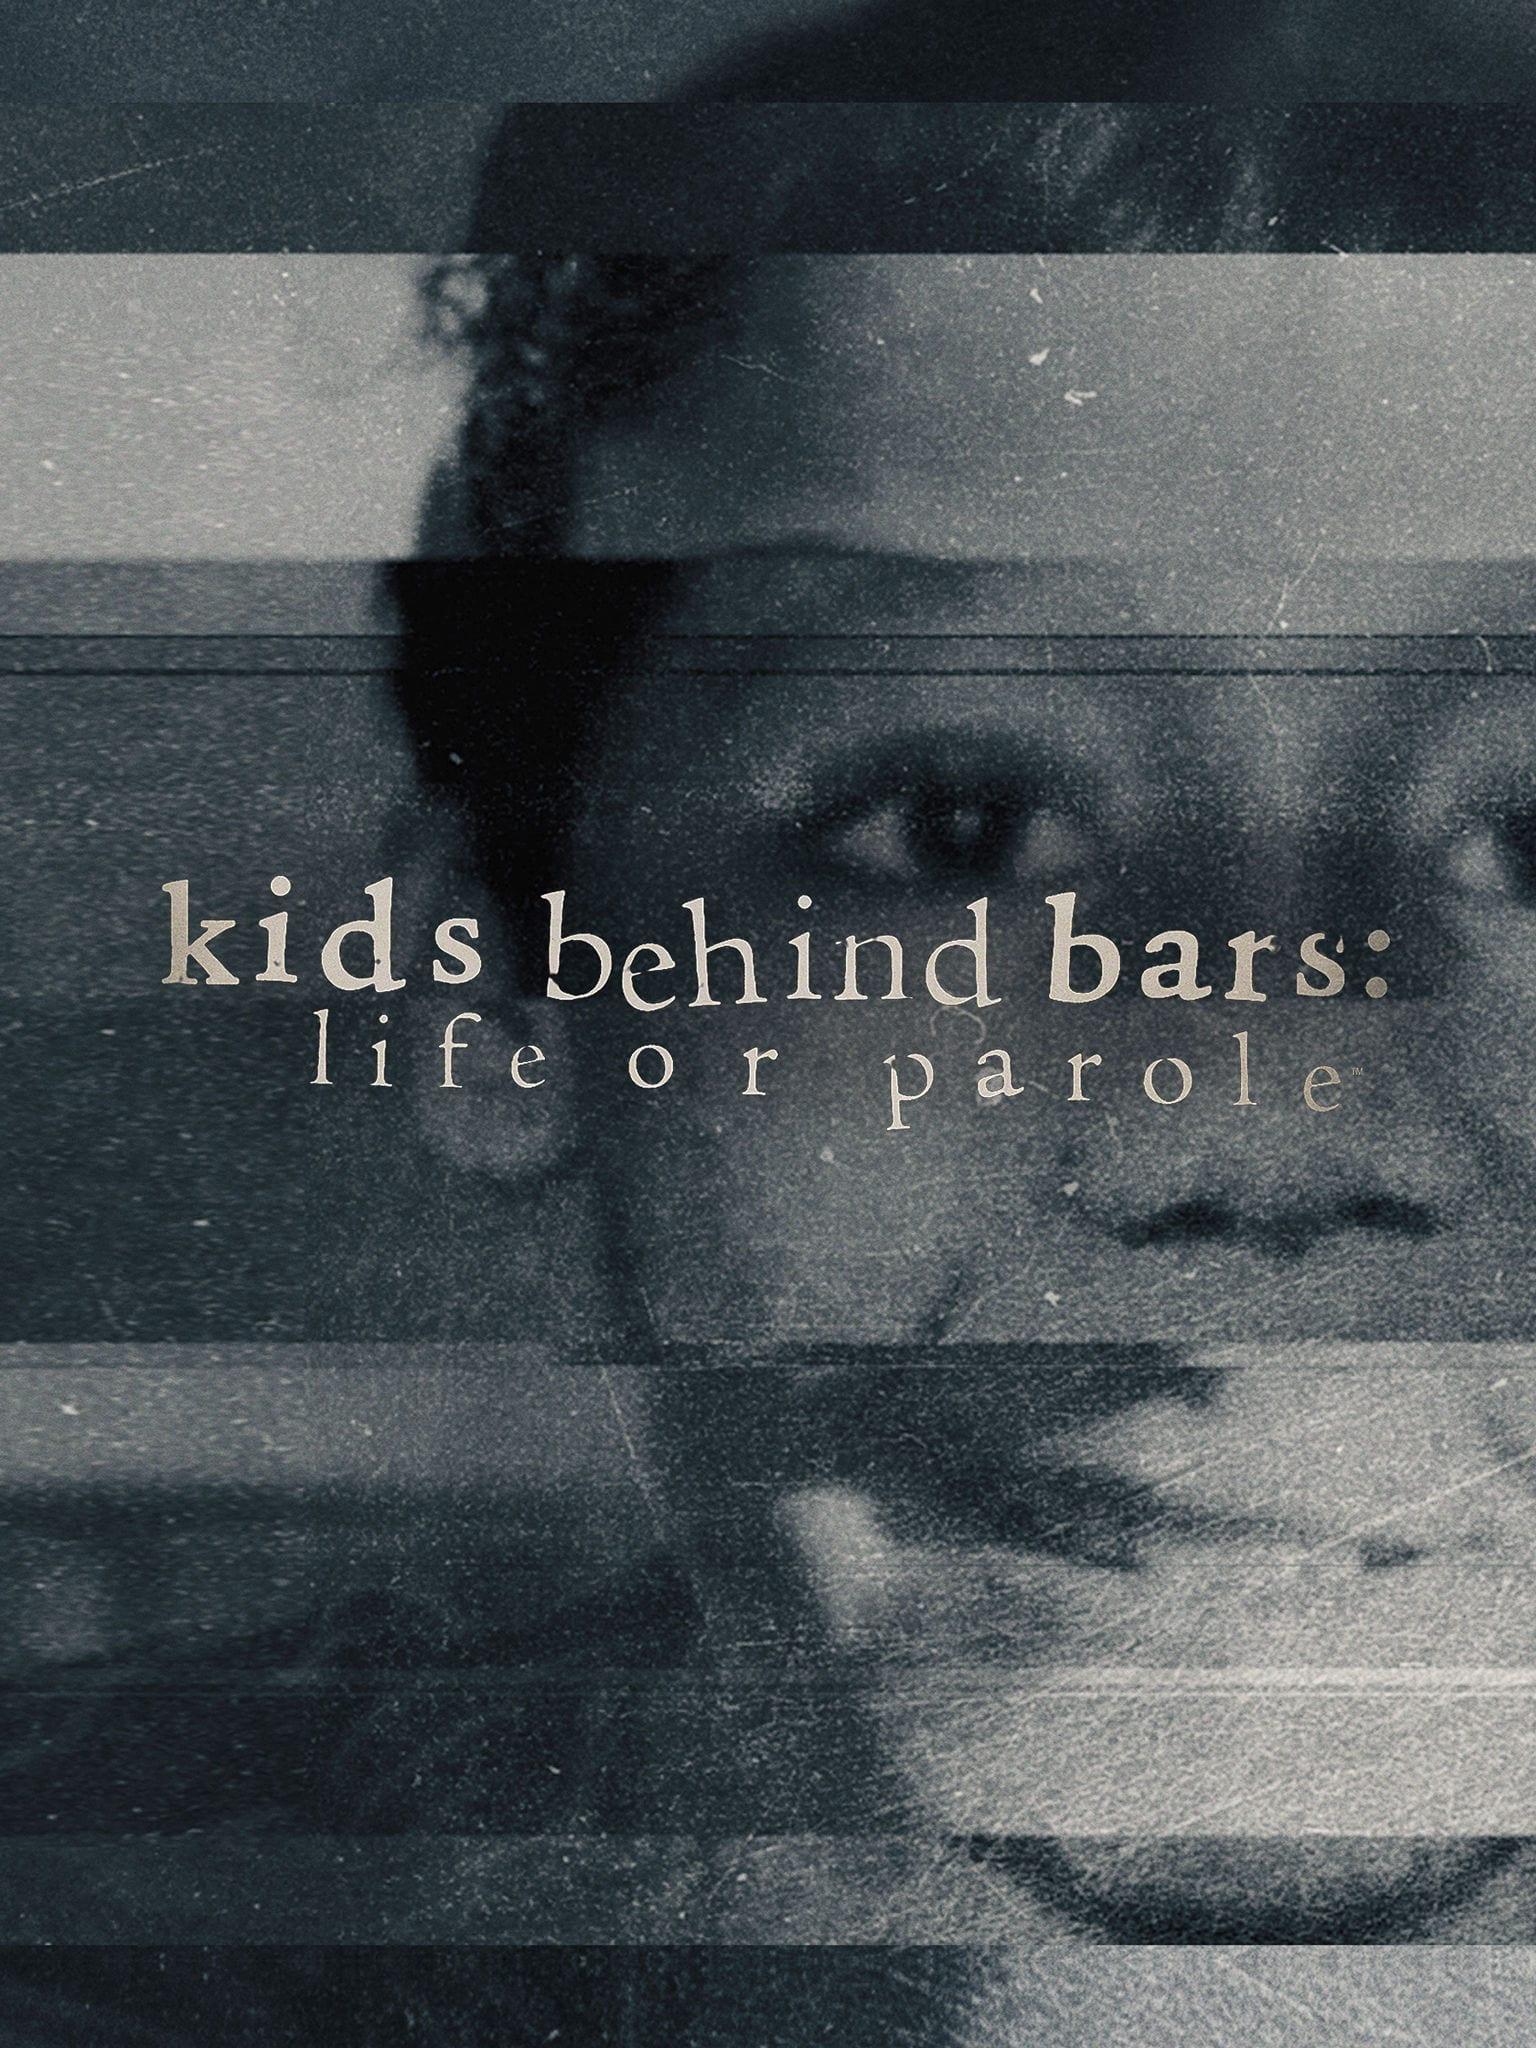 Kids Behind Bars: Life or Parole teaser image